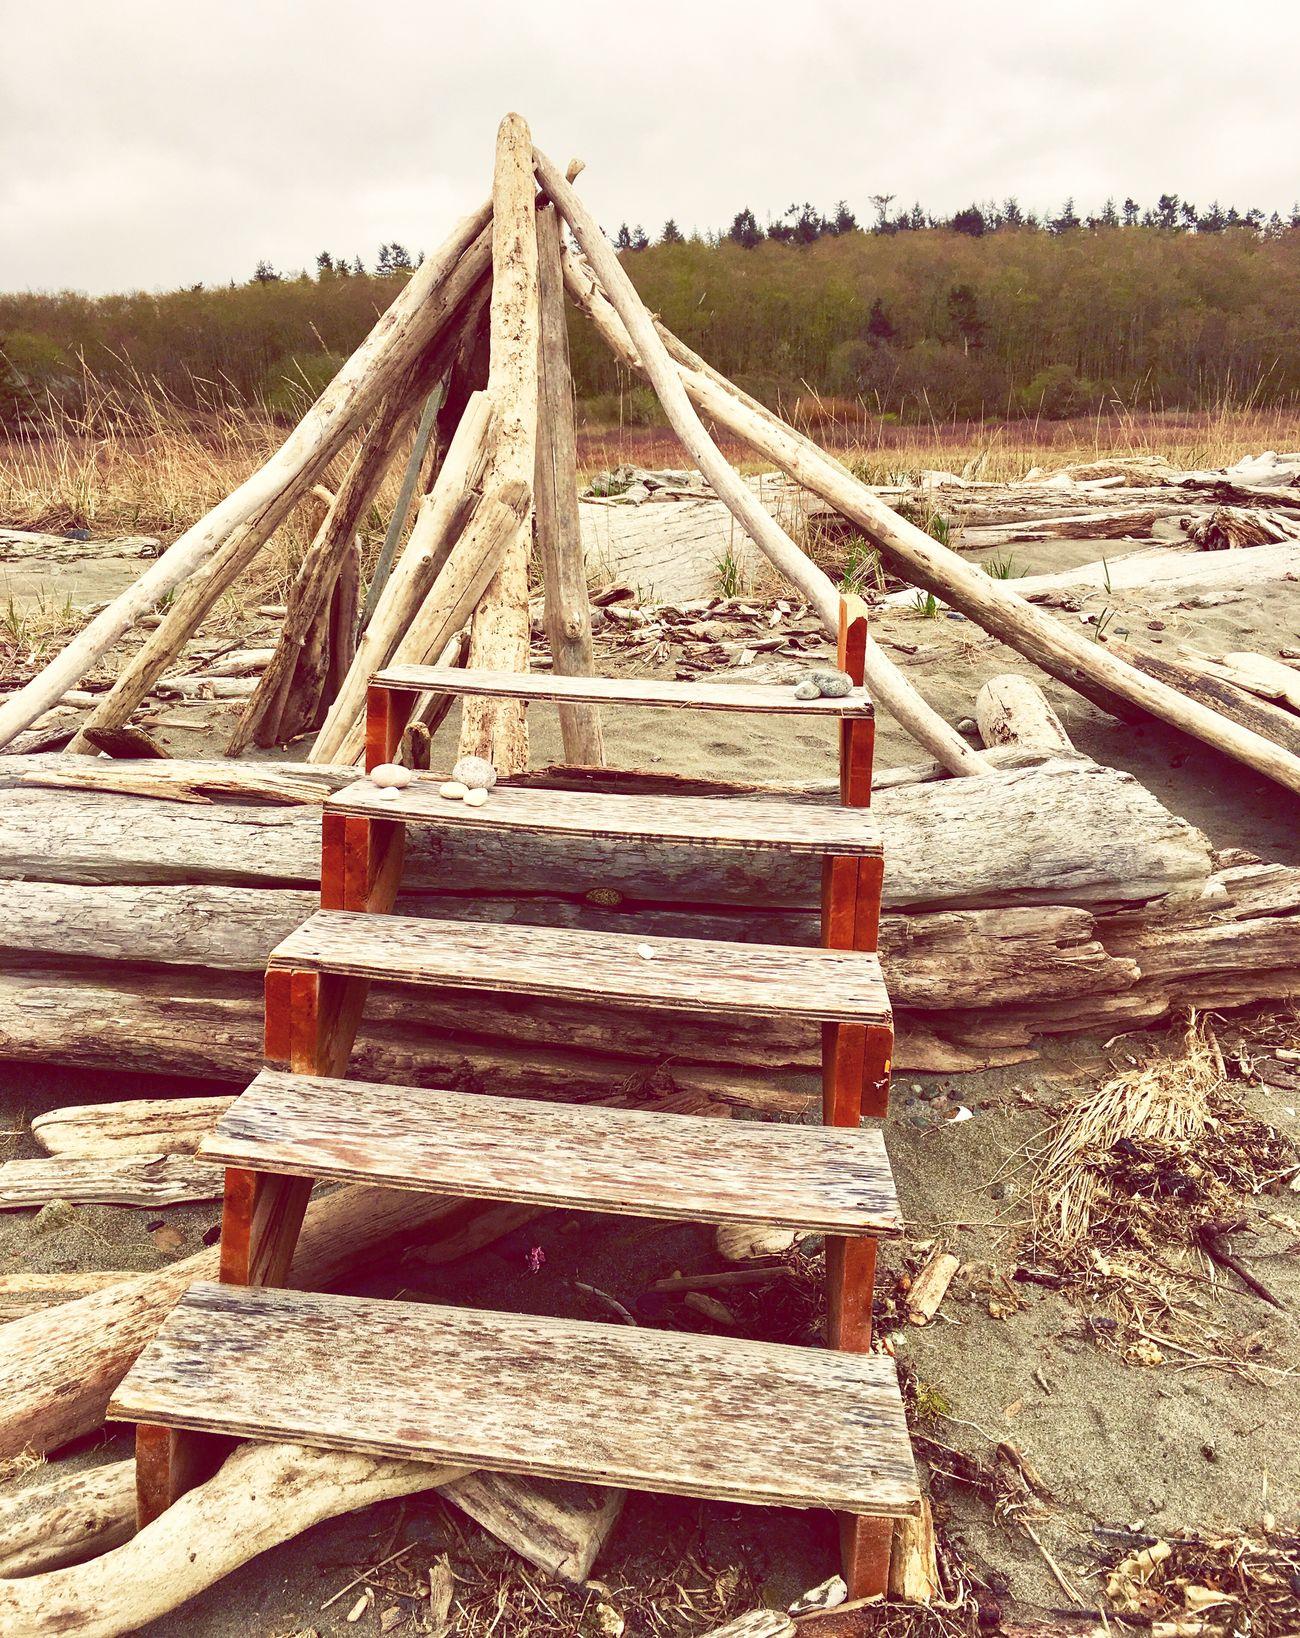 Outdoors Wood - Material Nature Sand Sky No People Day Landscape Driftwood Art Drift Wood  Drift Wood On Beach Beach Art Beach Beach Life Beach Walk Beachwalk